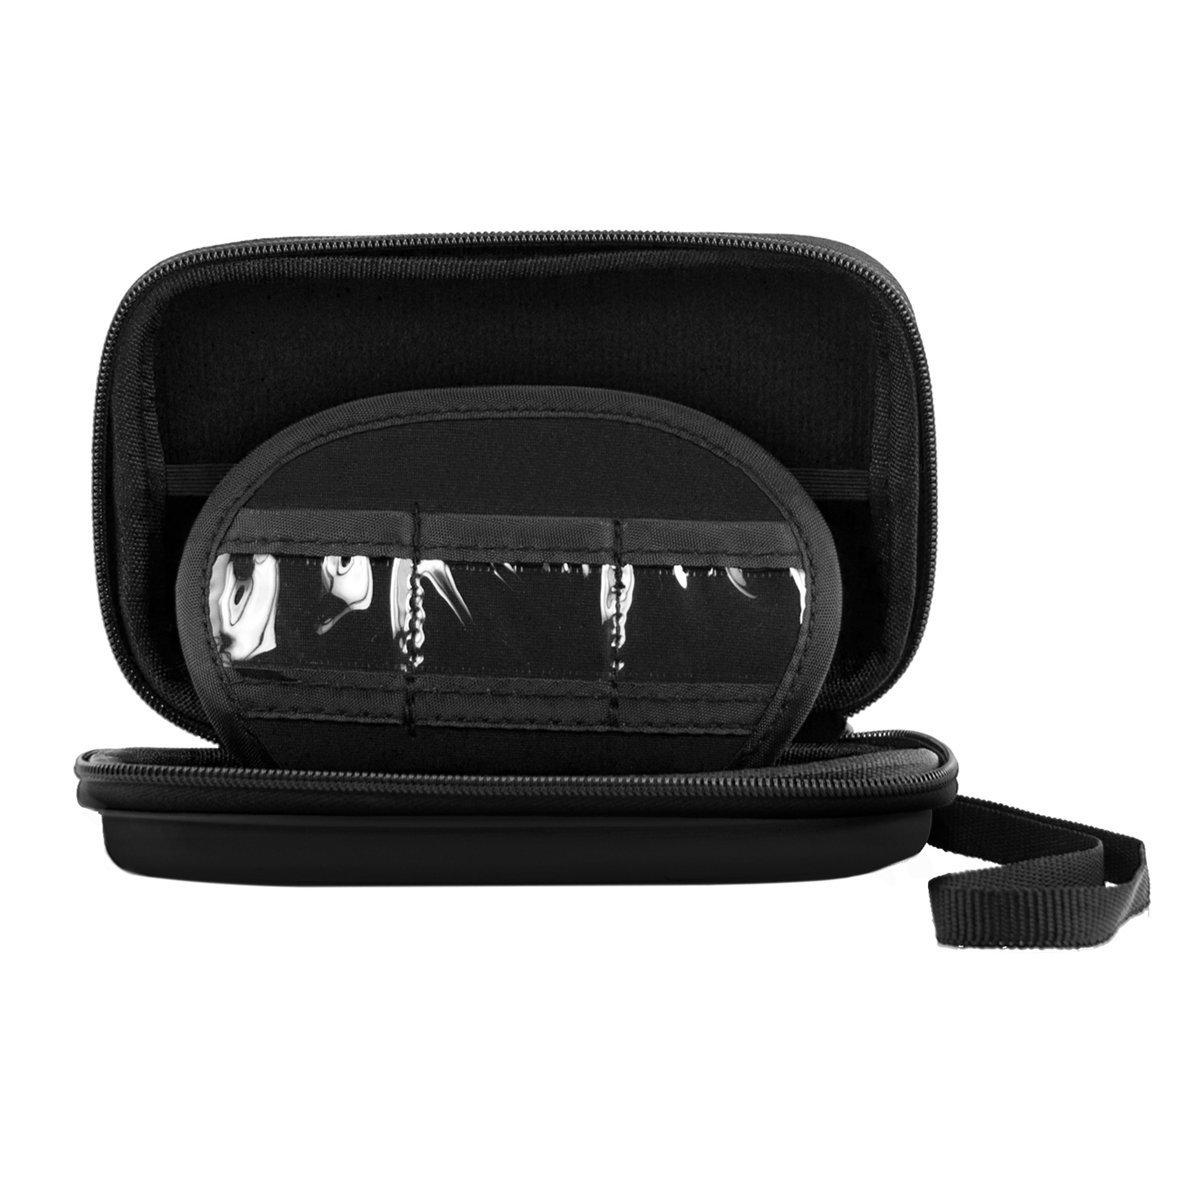 Gtfs- taşıma kasayı çantası çanta 2.5″ USB harici sabit disk sürücüsü korumak siyah